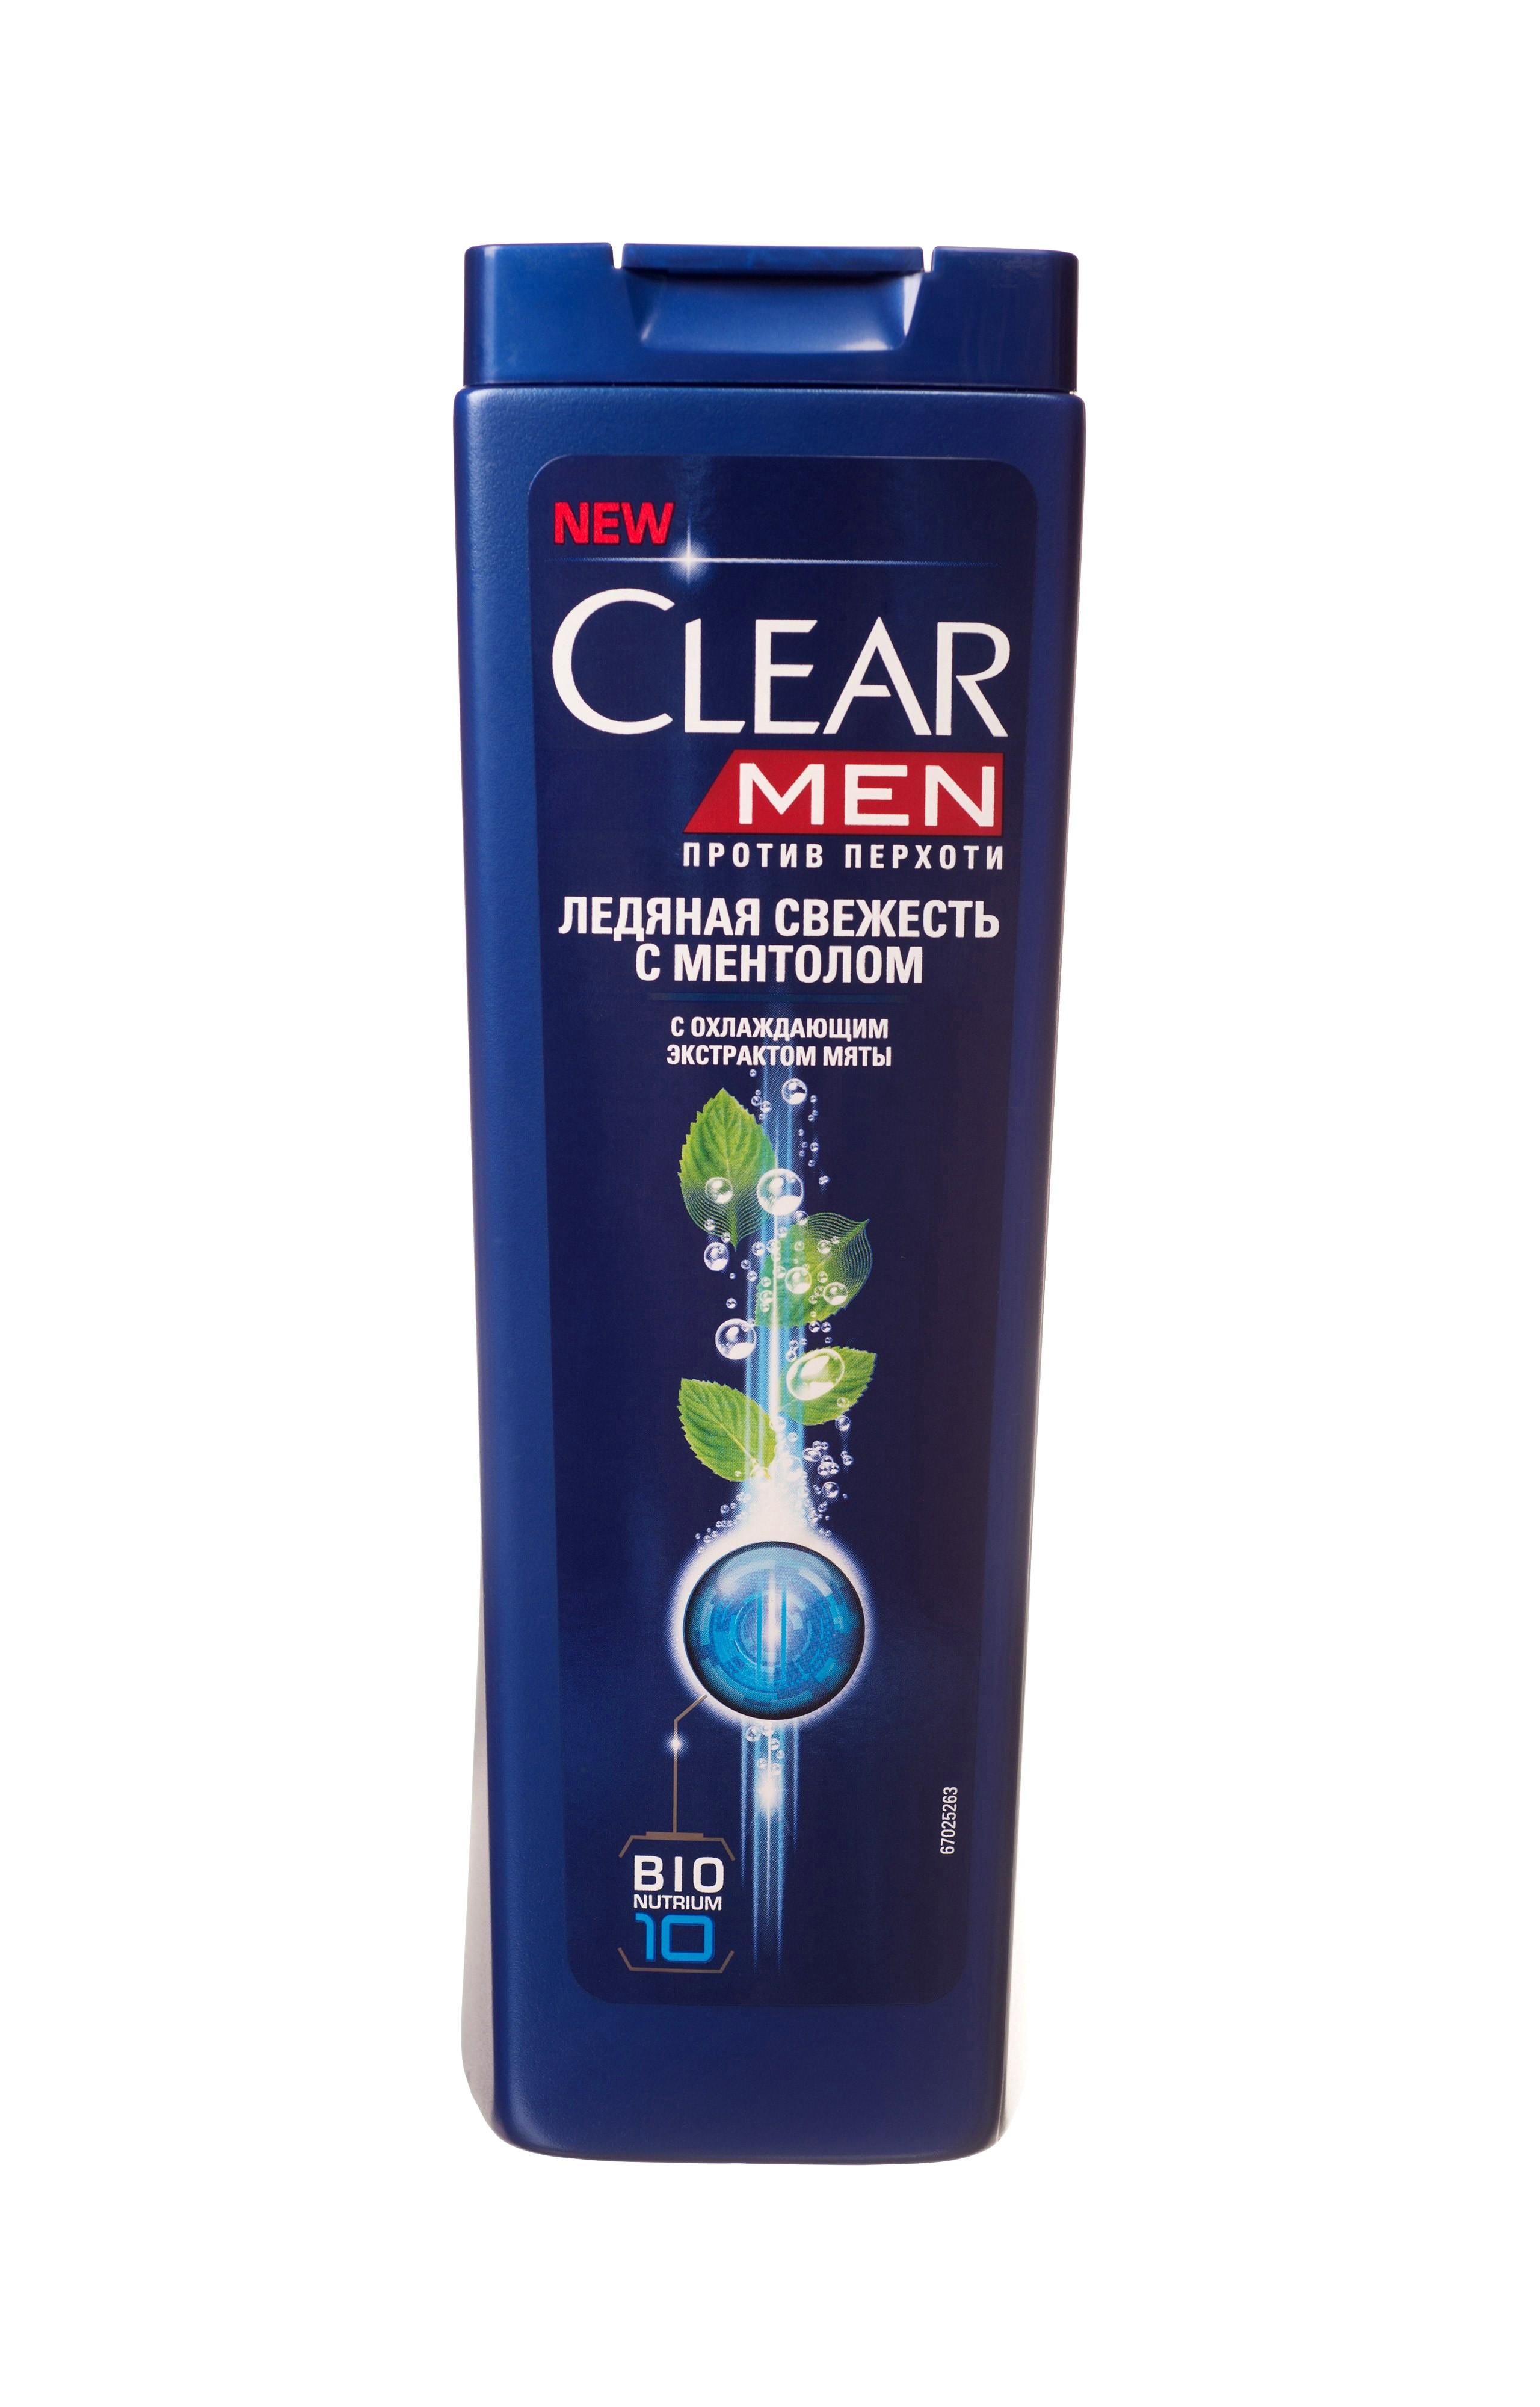 Clear Men Шампунь против перхоти Ледяная свежесть с ментолом 400 мл051750493Созданный специально для мужчин Шампунь Ледяная свежесть с ментолом и эвкалиптом обеспечивает двойное действие: унимает зуд и смягчает раздражение. Комплекс Nutrium 10, входящий в состав шампуня — это насыщенная смесь 10 питательных веществ и растительных активных компонентов. При регулярном применении он активирует естественный защитный слой против перхоти кожи головы, позволяя вам гарантированно защищаться от перхоти.